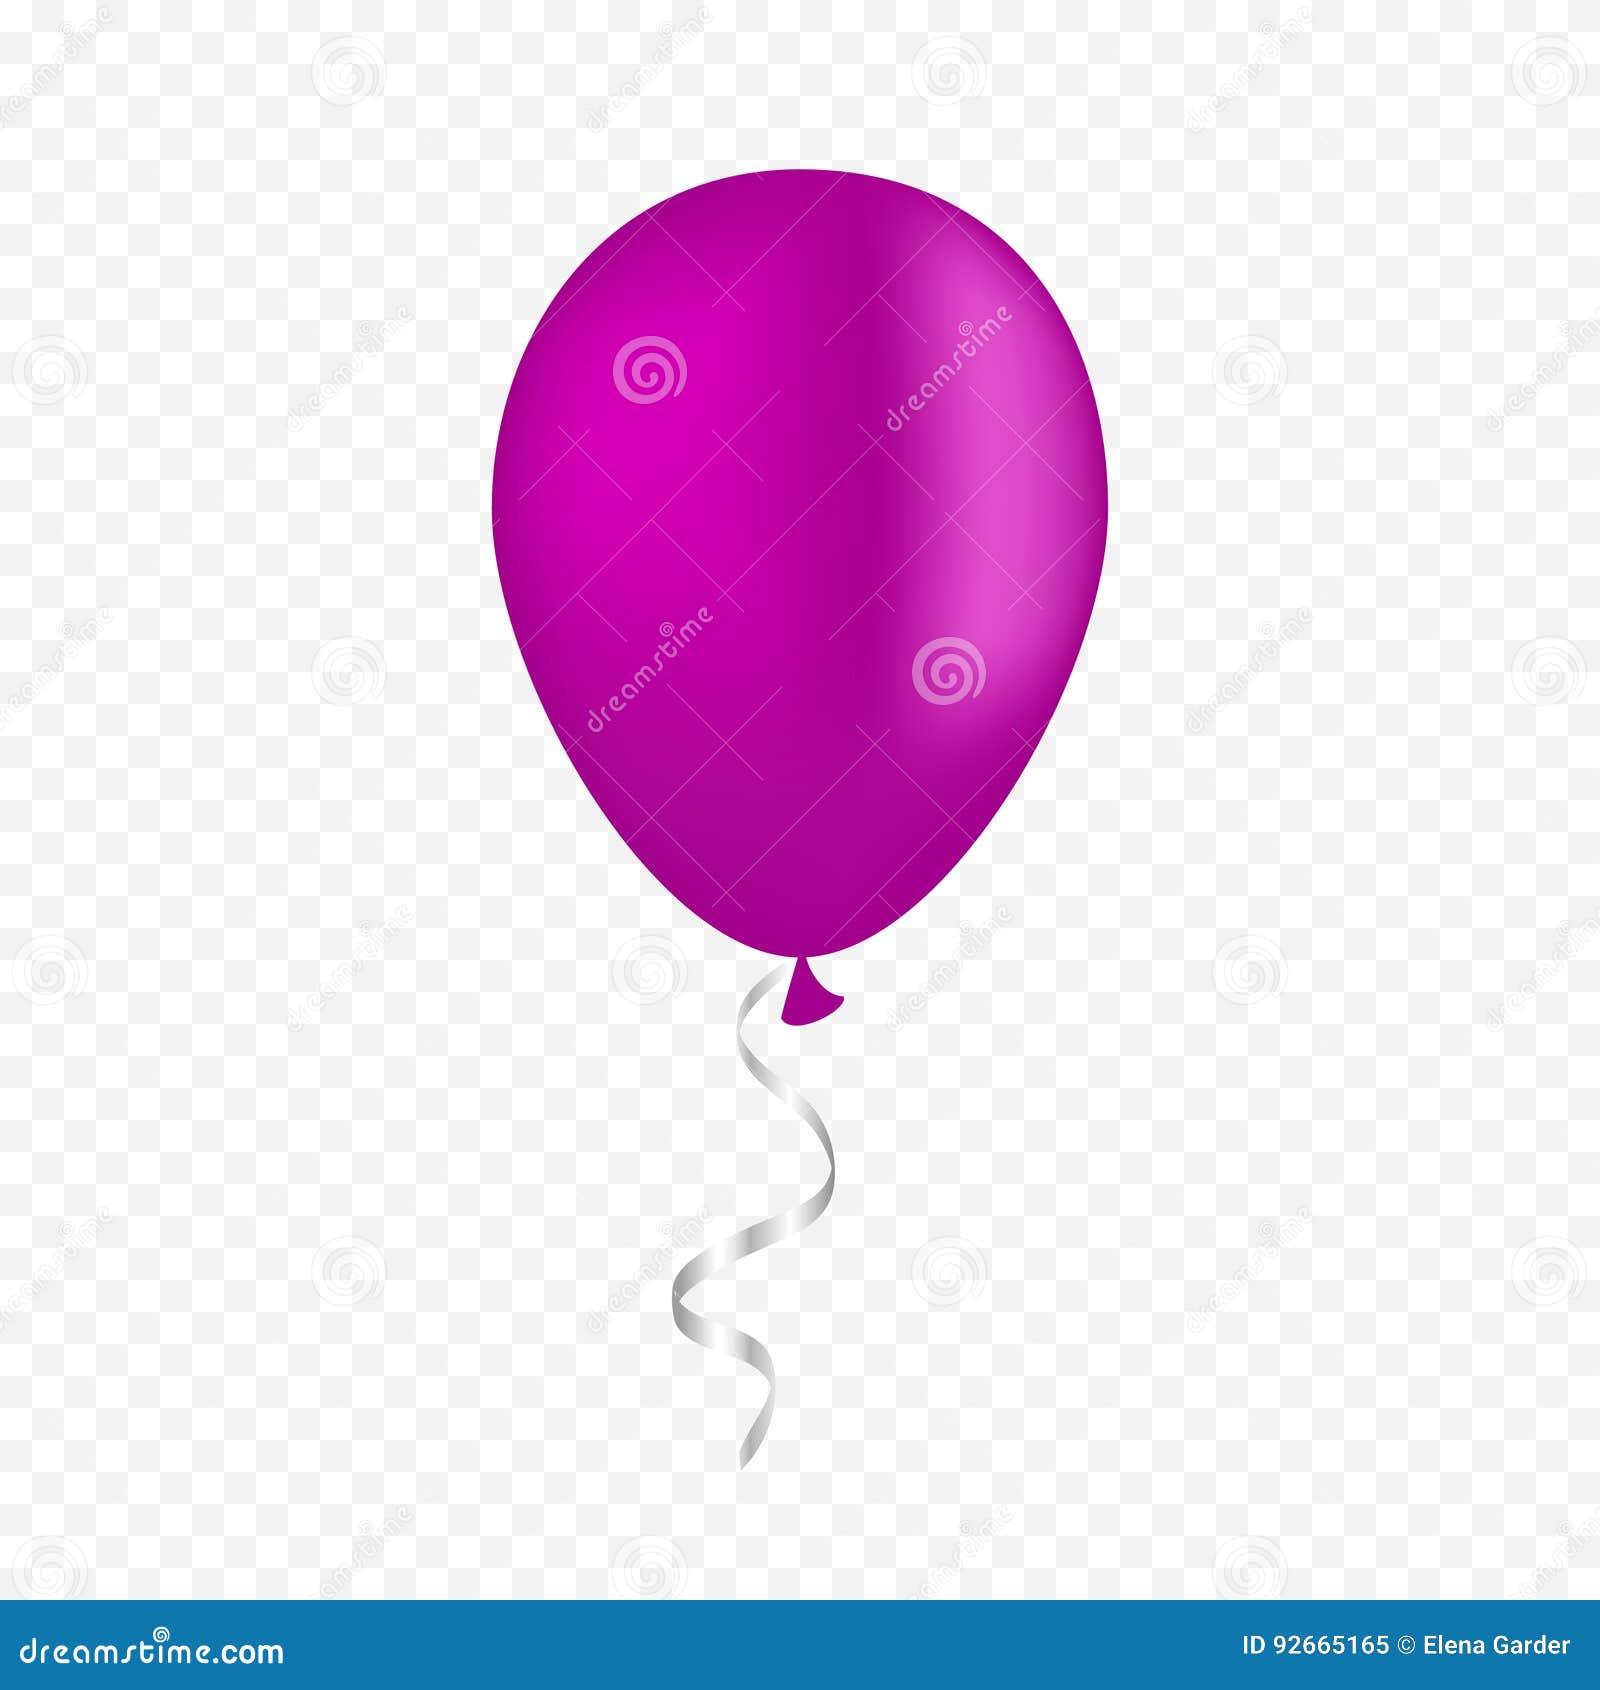 在透明背景的传染媒介白色气球 3d现实节日快乐飞行的空气氦气气球